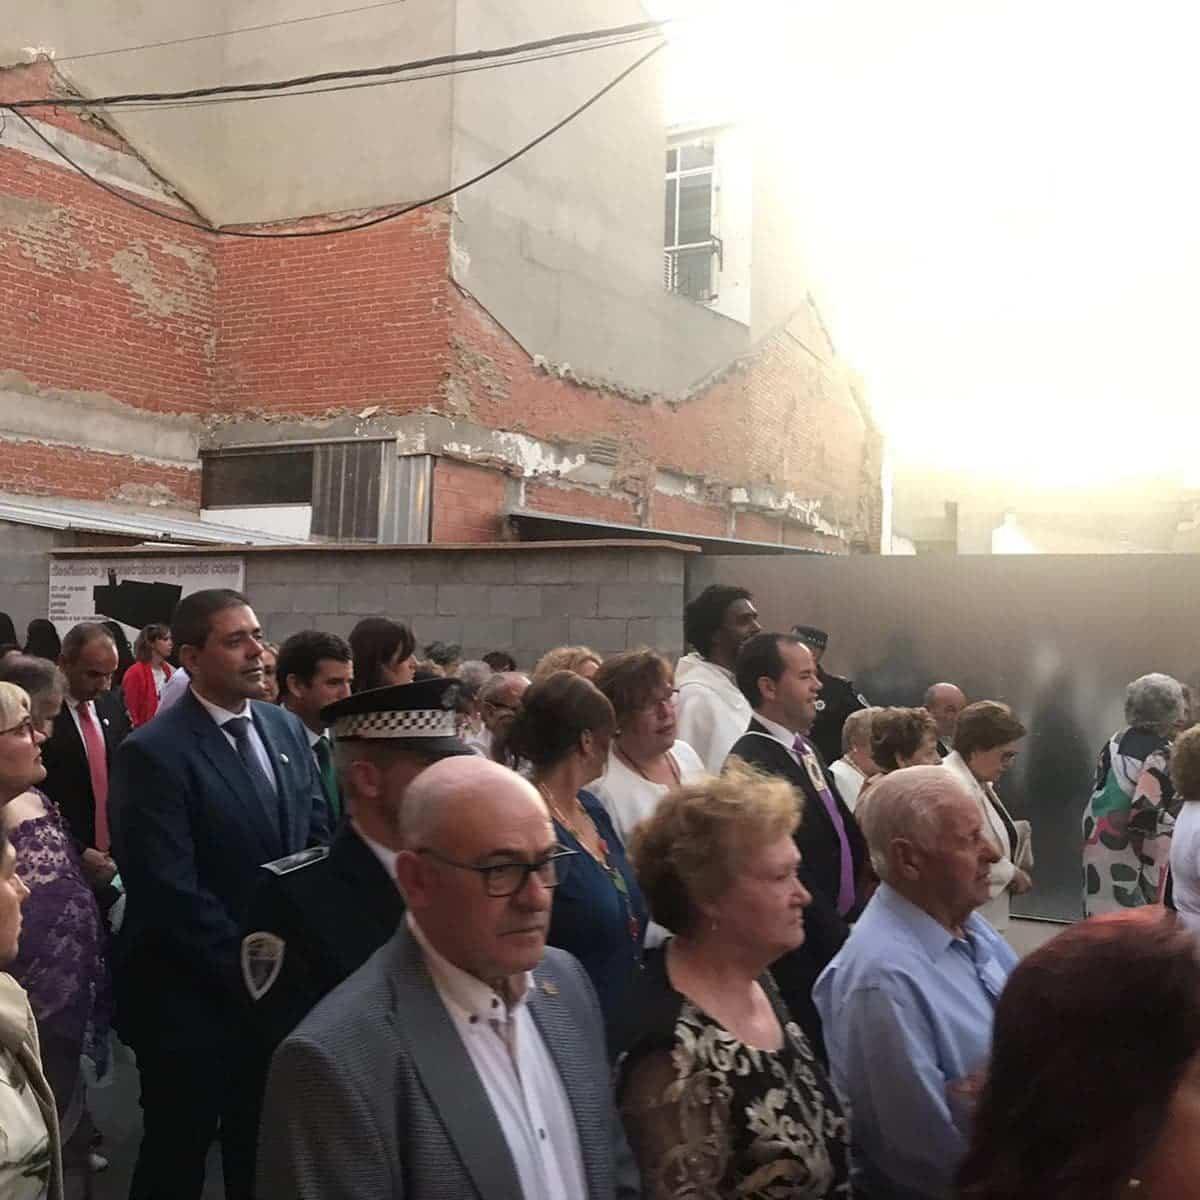 magna procesion feria fiestas 2019 herencia 1 - Magna procesión de nuestra Santísima Madre cierra la Feria y Fiestas herenciana